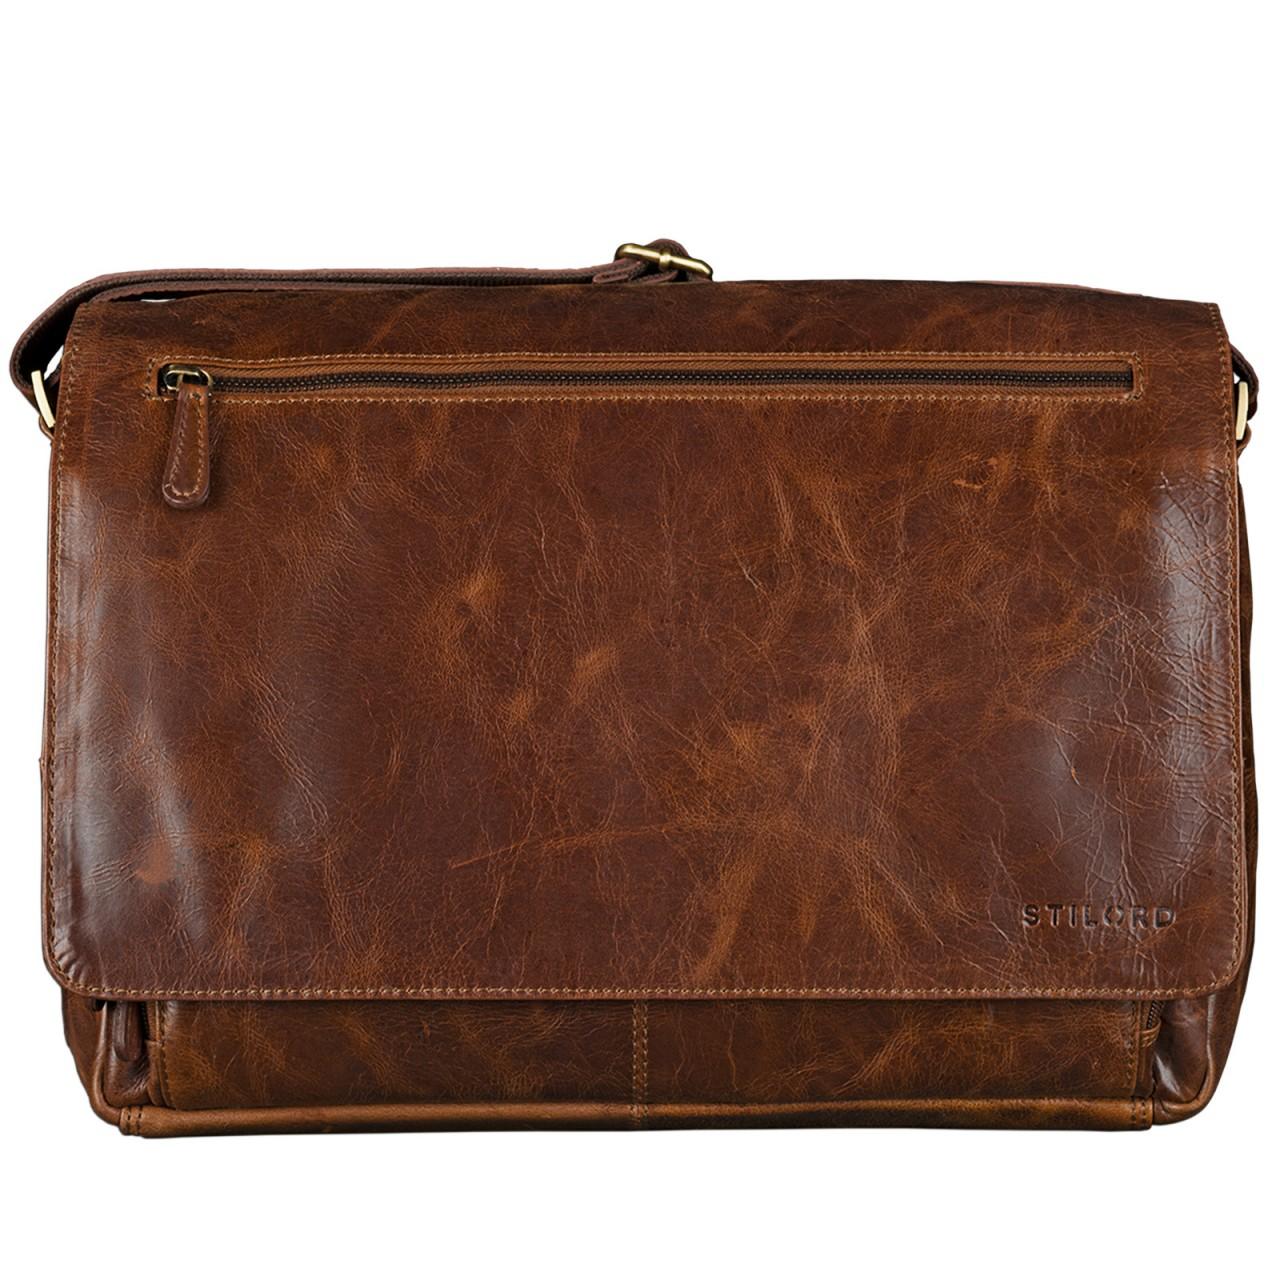 B-WARE STILORD 15,6 Zoll Laptoptasche Leder Umhängetasche Unitasche Aktentasche Freizeit Bürotasche Vintage Antik-Leder braun - Bild 3